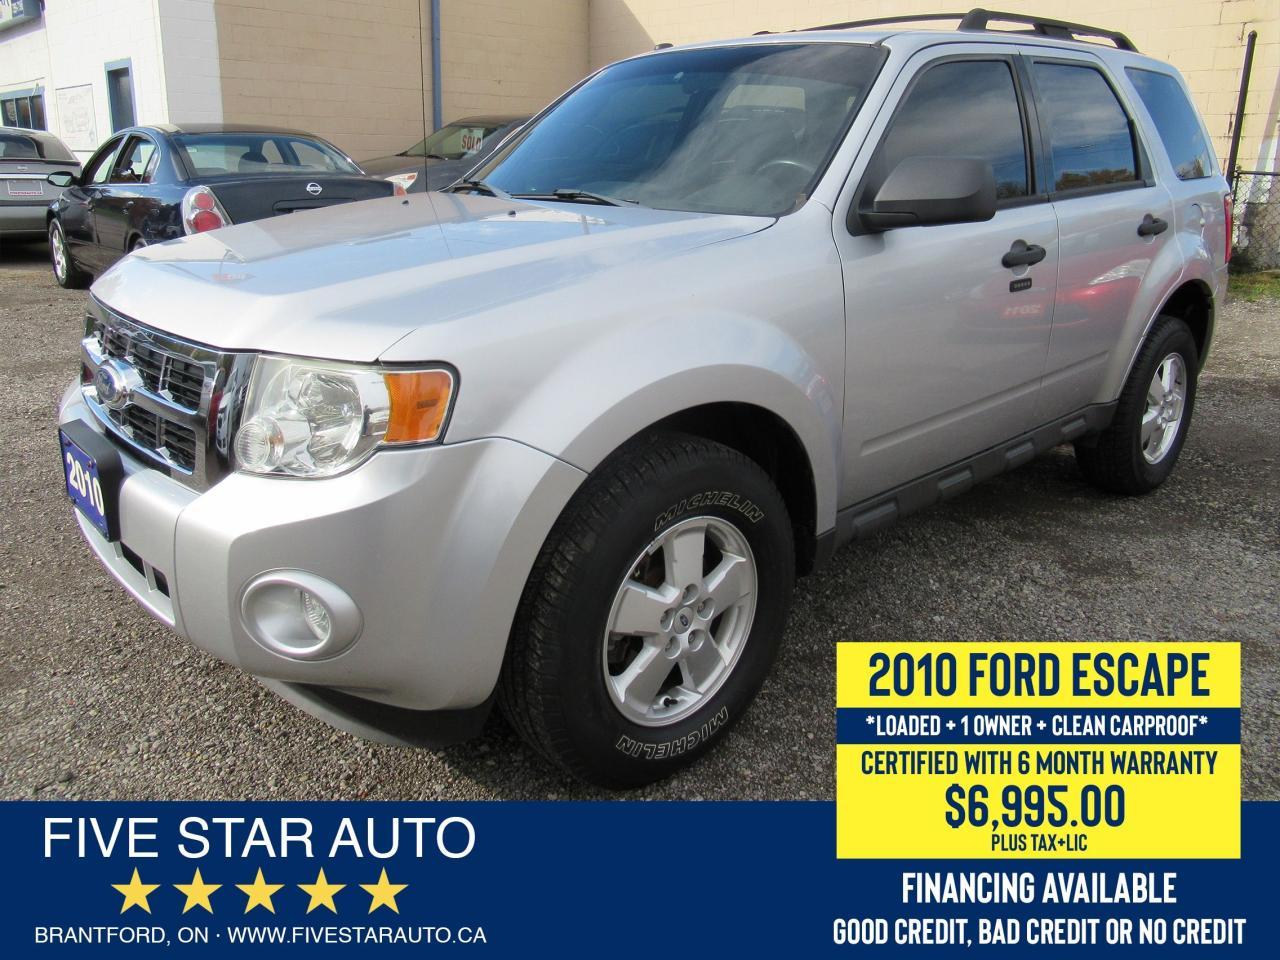 2010 Ford Escape XLT *Clean Carproof + 1 Ownr* Crtfd w/ 6 Mth Wrnty